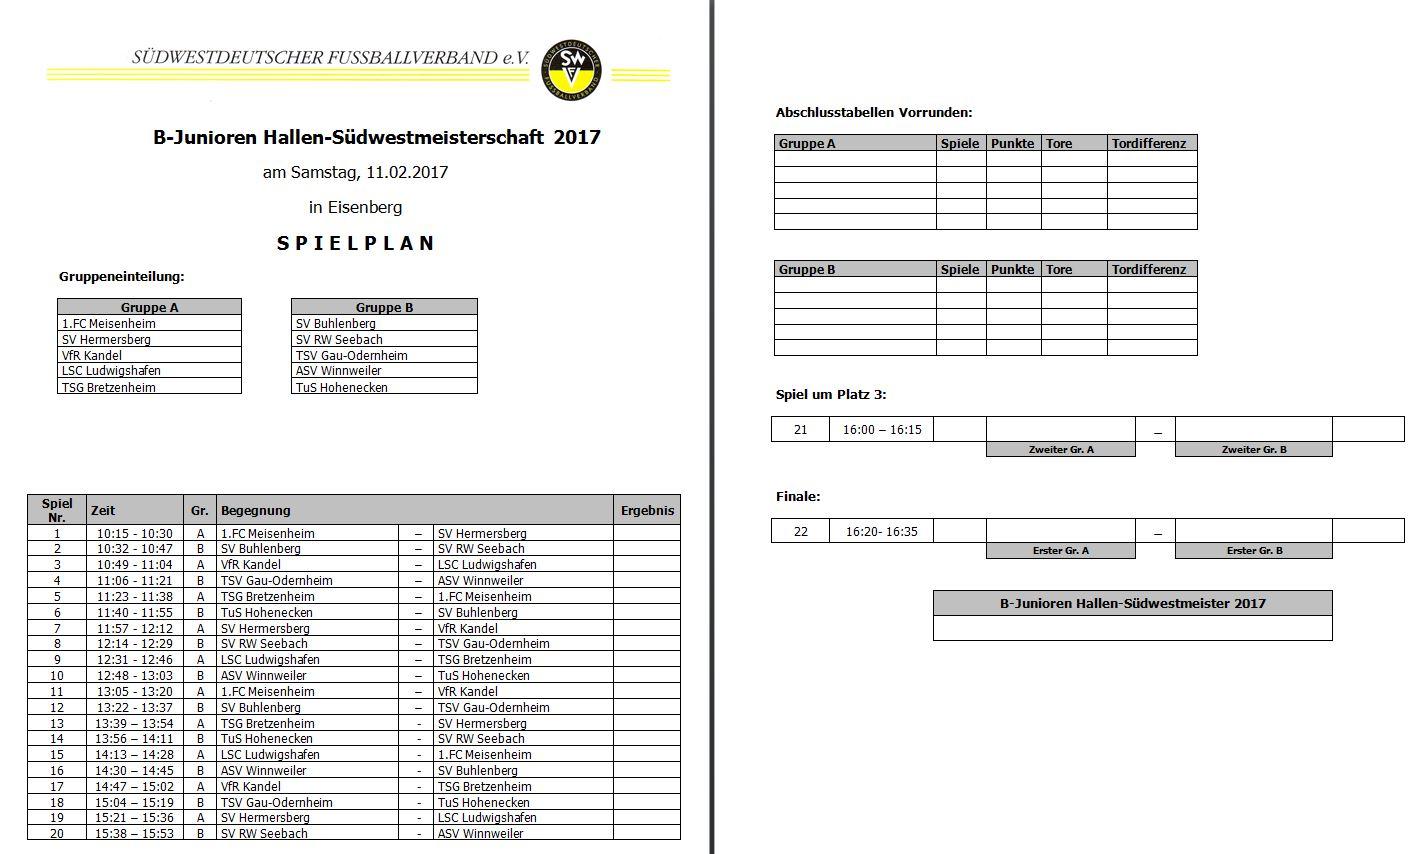 Spielplan B-Jugend Futsal Verbandsmeisterschaft 2007